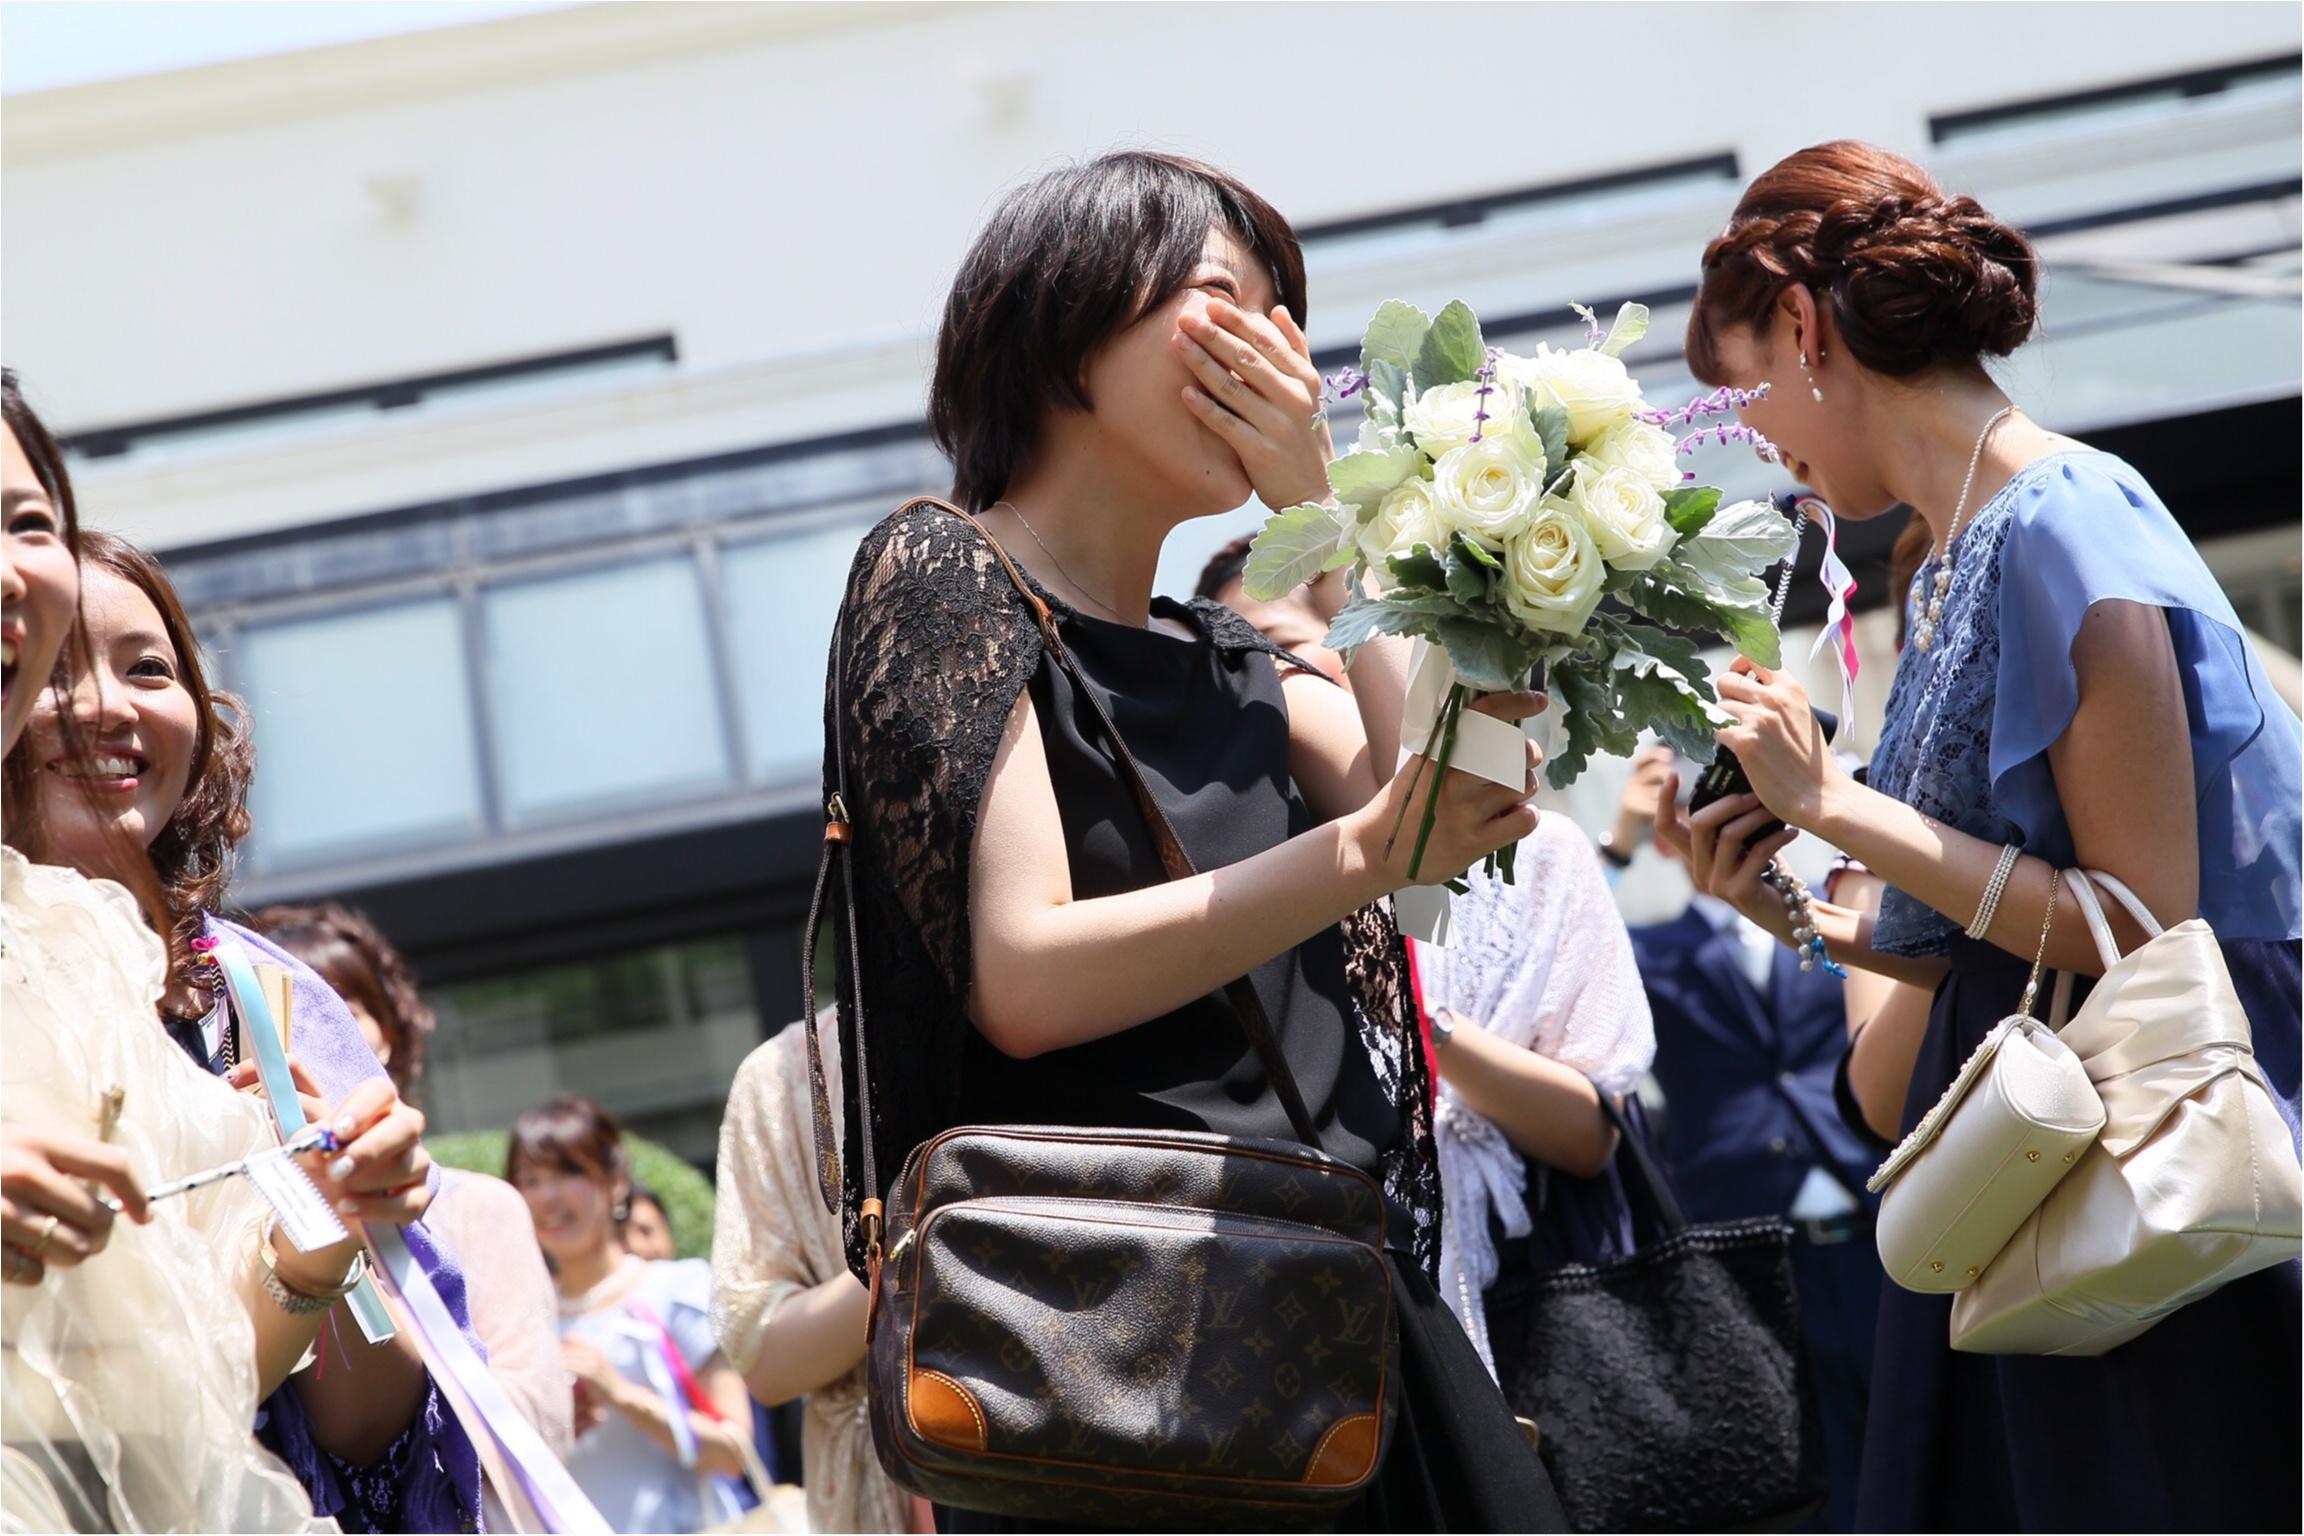 moco婚④▶︎ガーデンセレモニーはリボンワンズで華を添えて♡_5